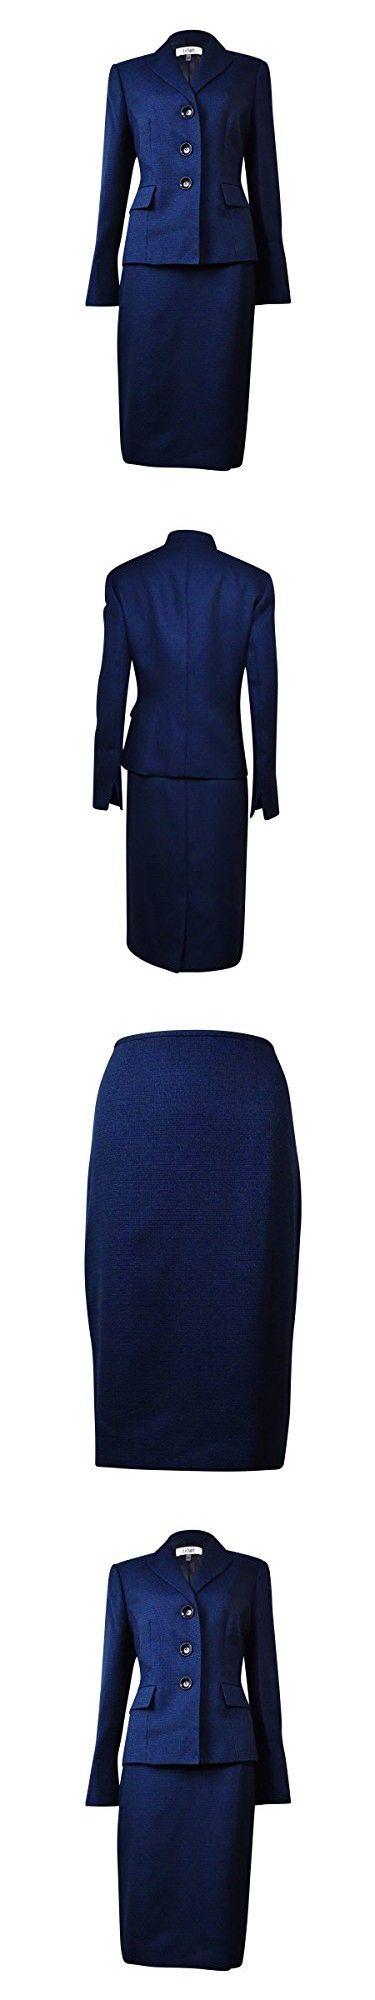 Le Suit Women's Plus-Size 3 Button Tweed Jacket and Skirt Suit Set, Navy Multi, 16W